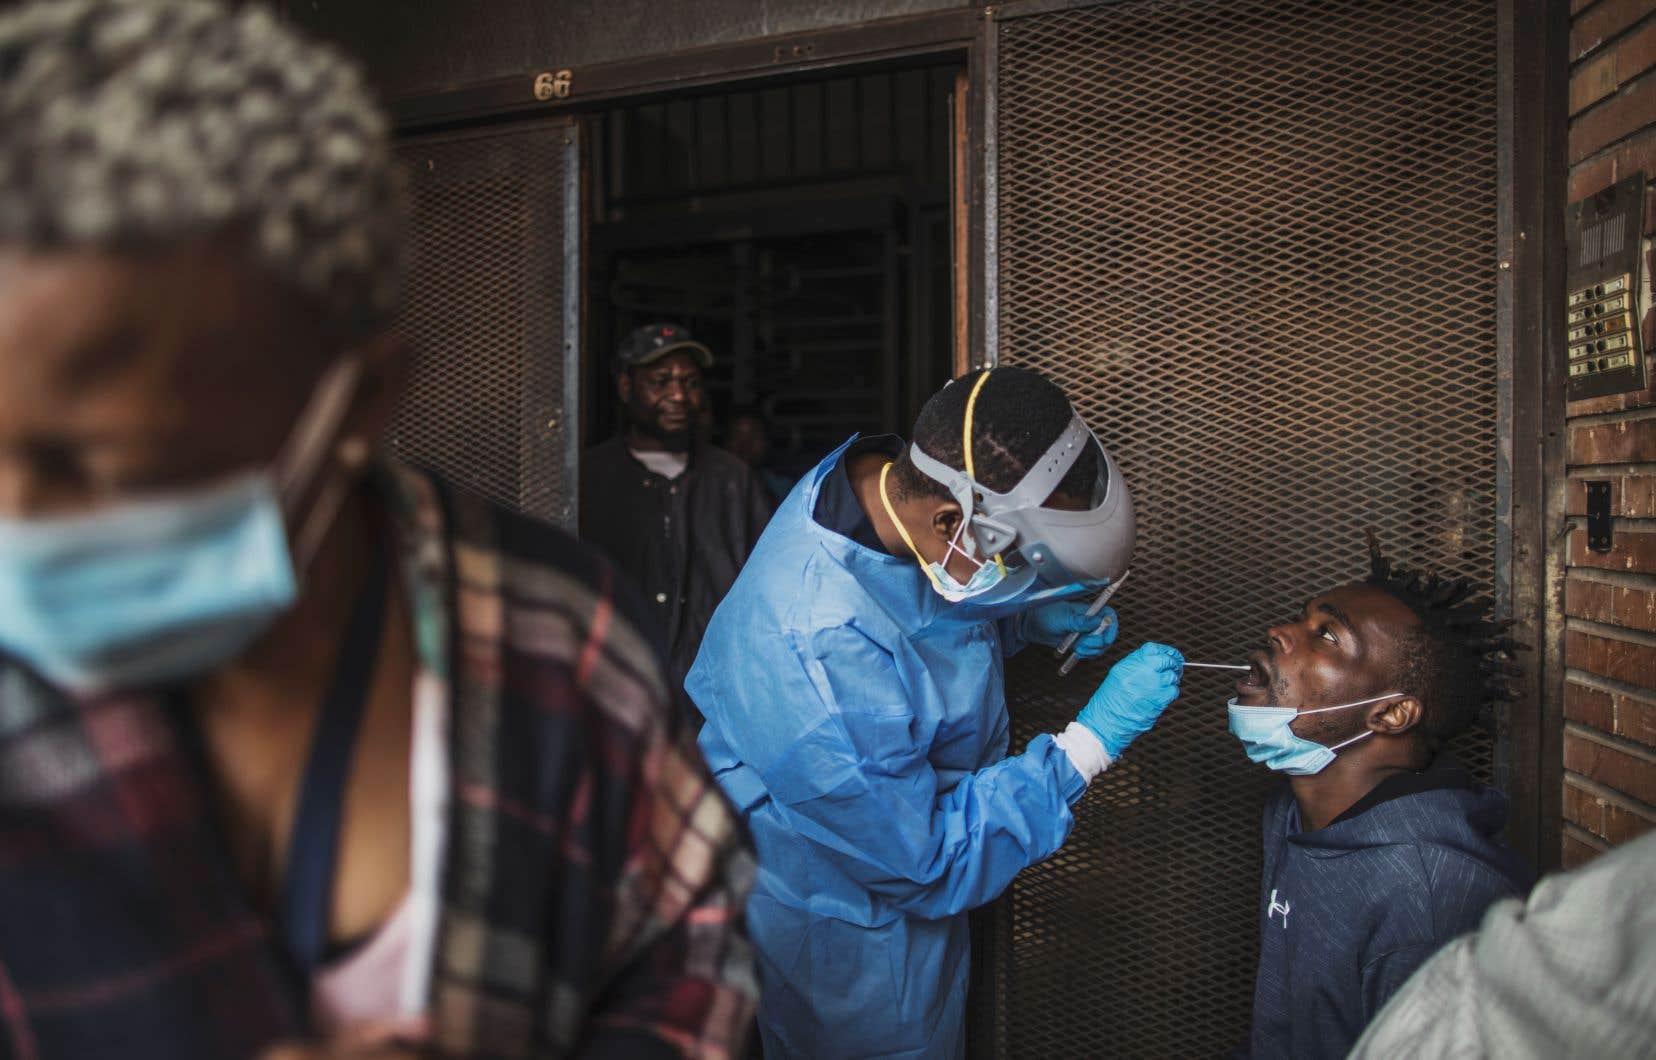 Les deux experts s'interrogeaient sur l'opportunité de tester un vaccin en Afrique contre le coronavirus, «un peu comme c'est fait d'ailleurs sur certaines études avec le sida, ou chez les prostituées».